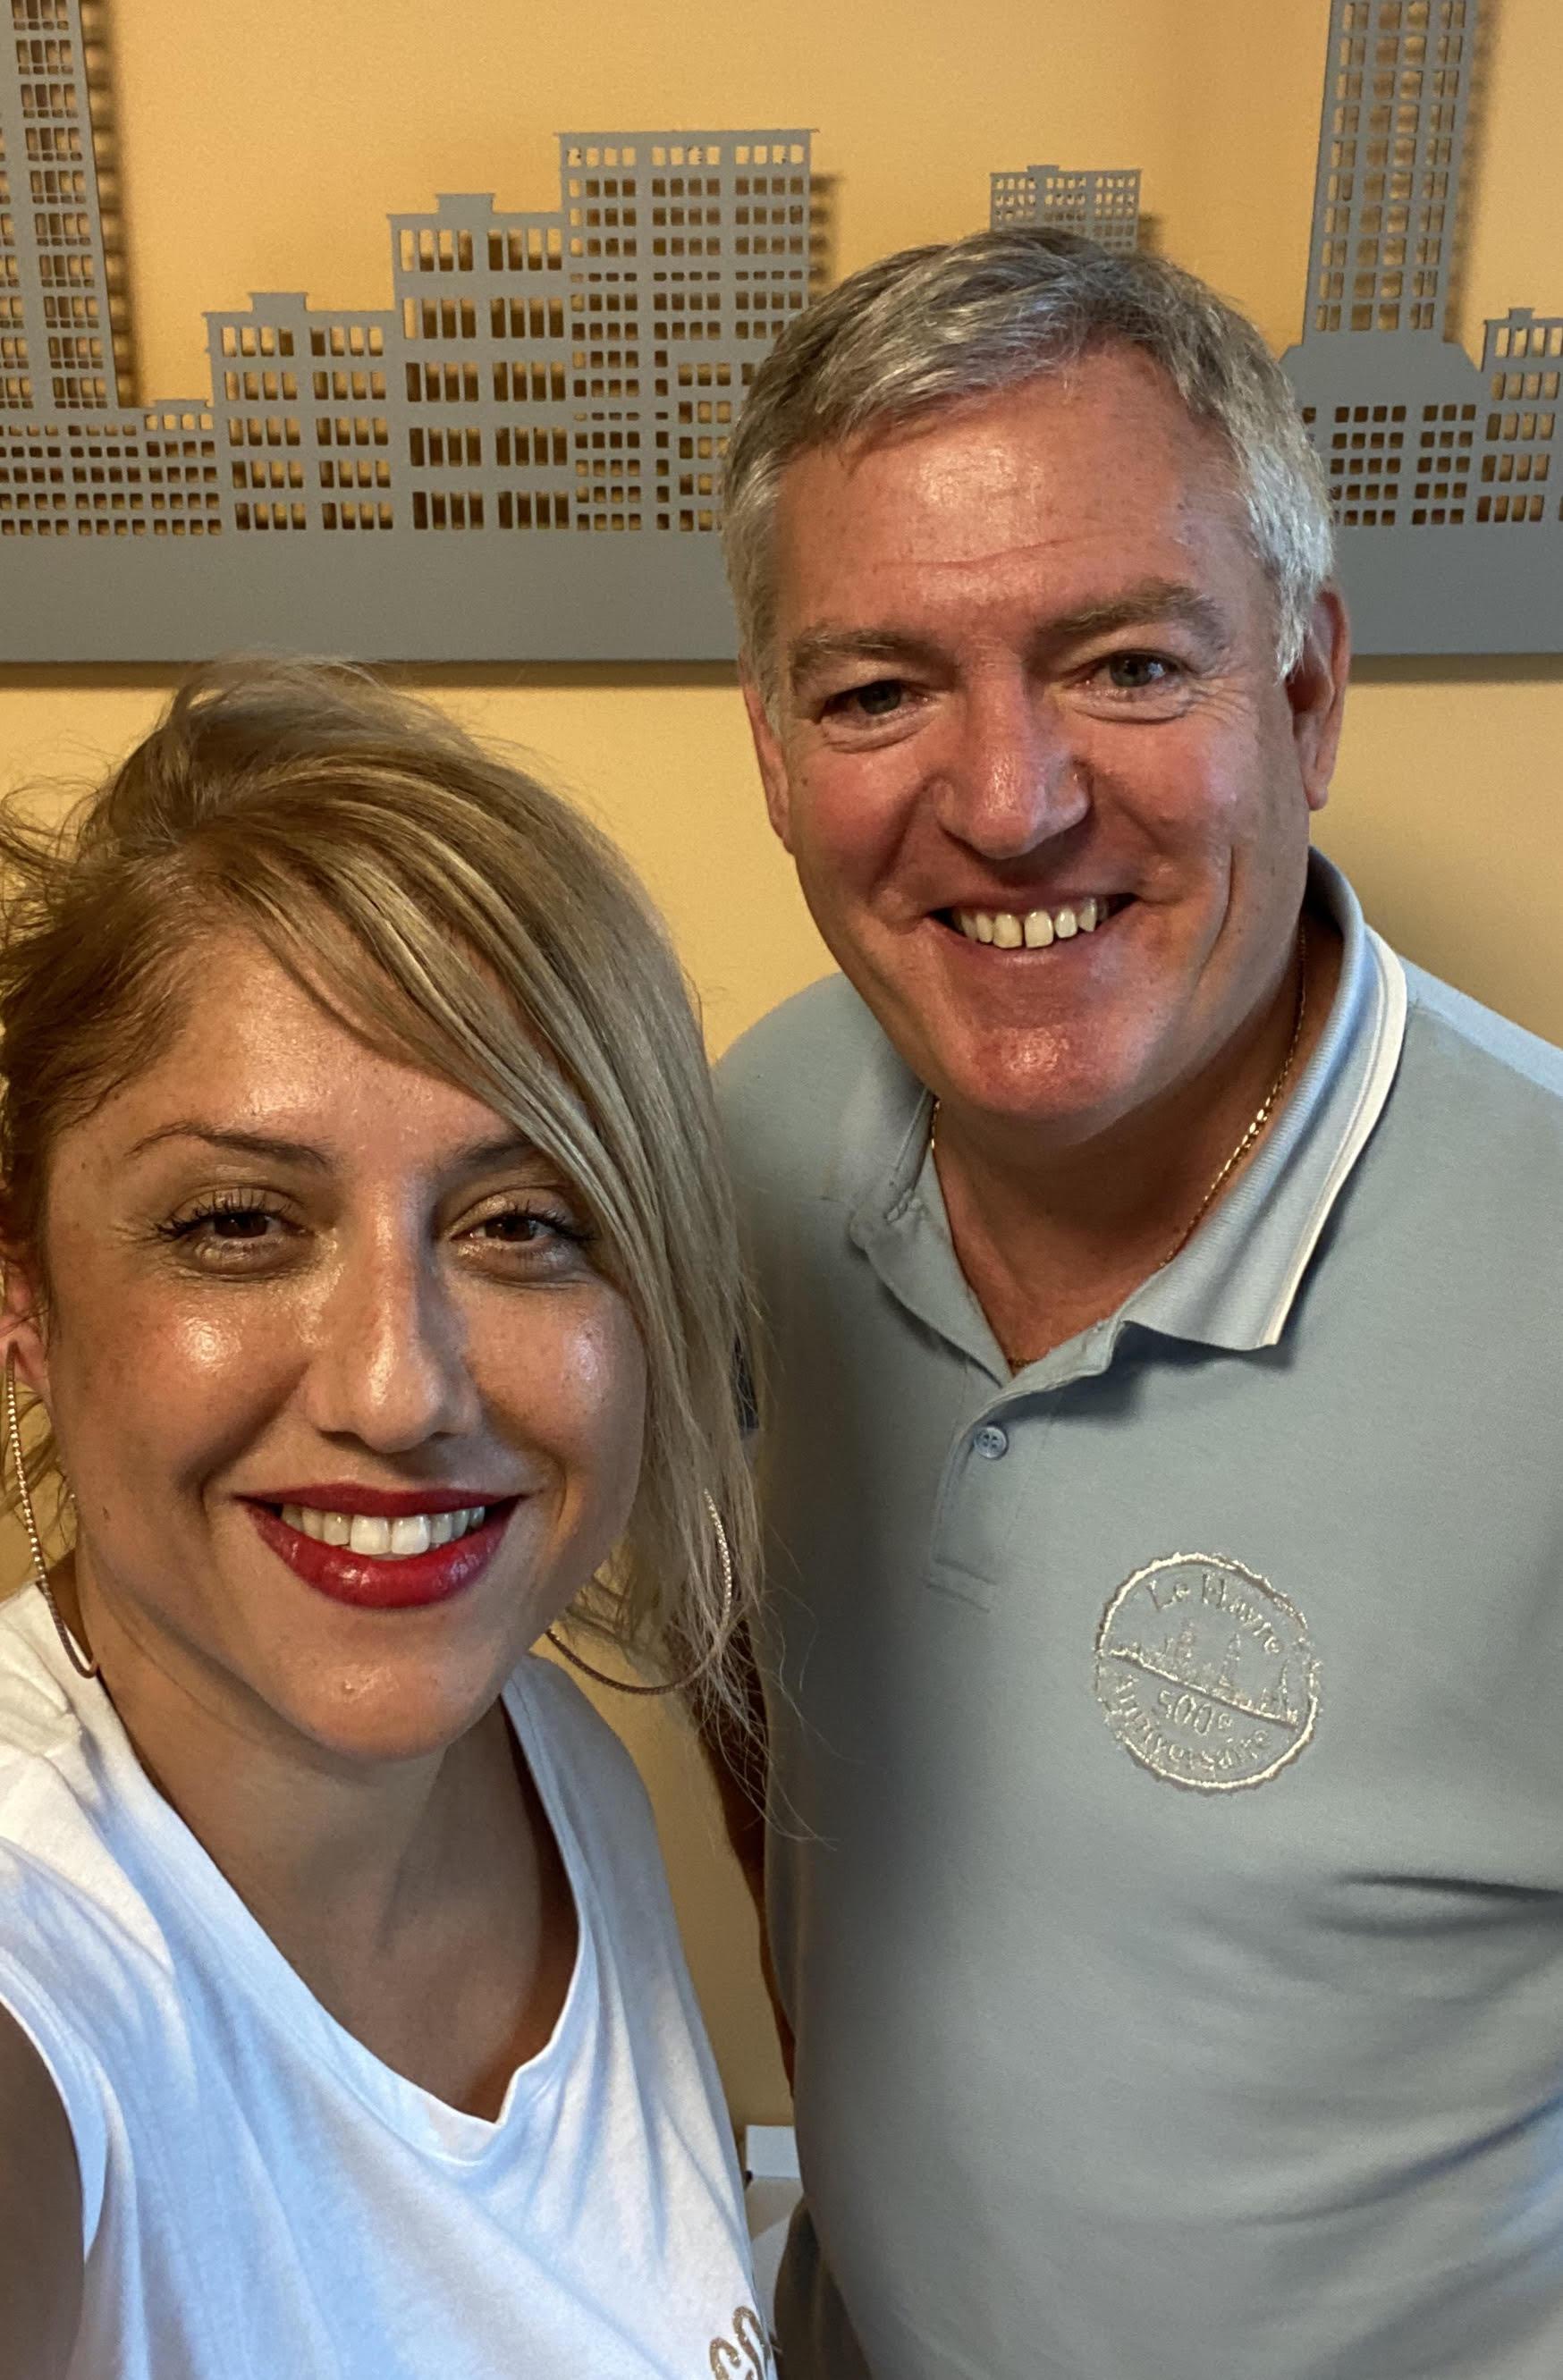 """Saliha Hadj-Djilani, podcasteuse de la serie """"Voyagez en France"""" et Benoît Remy, directeur de l'office de tourisme du Havre"""